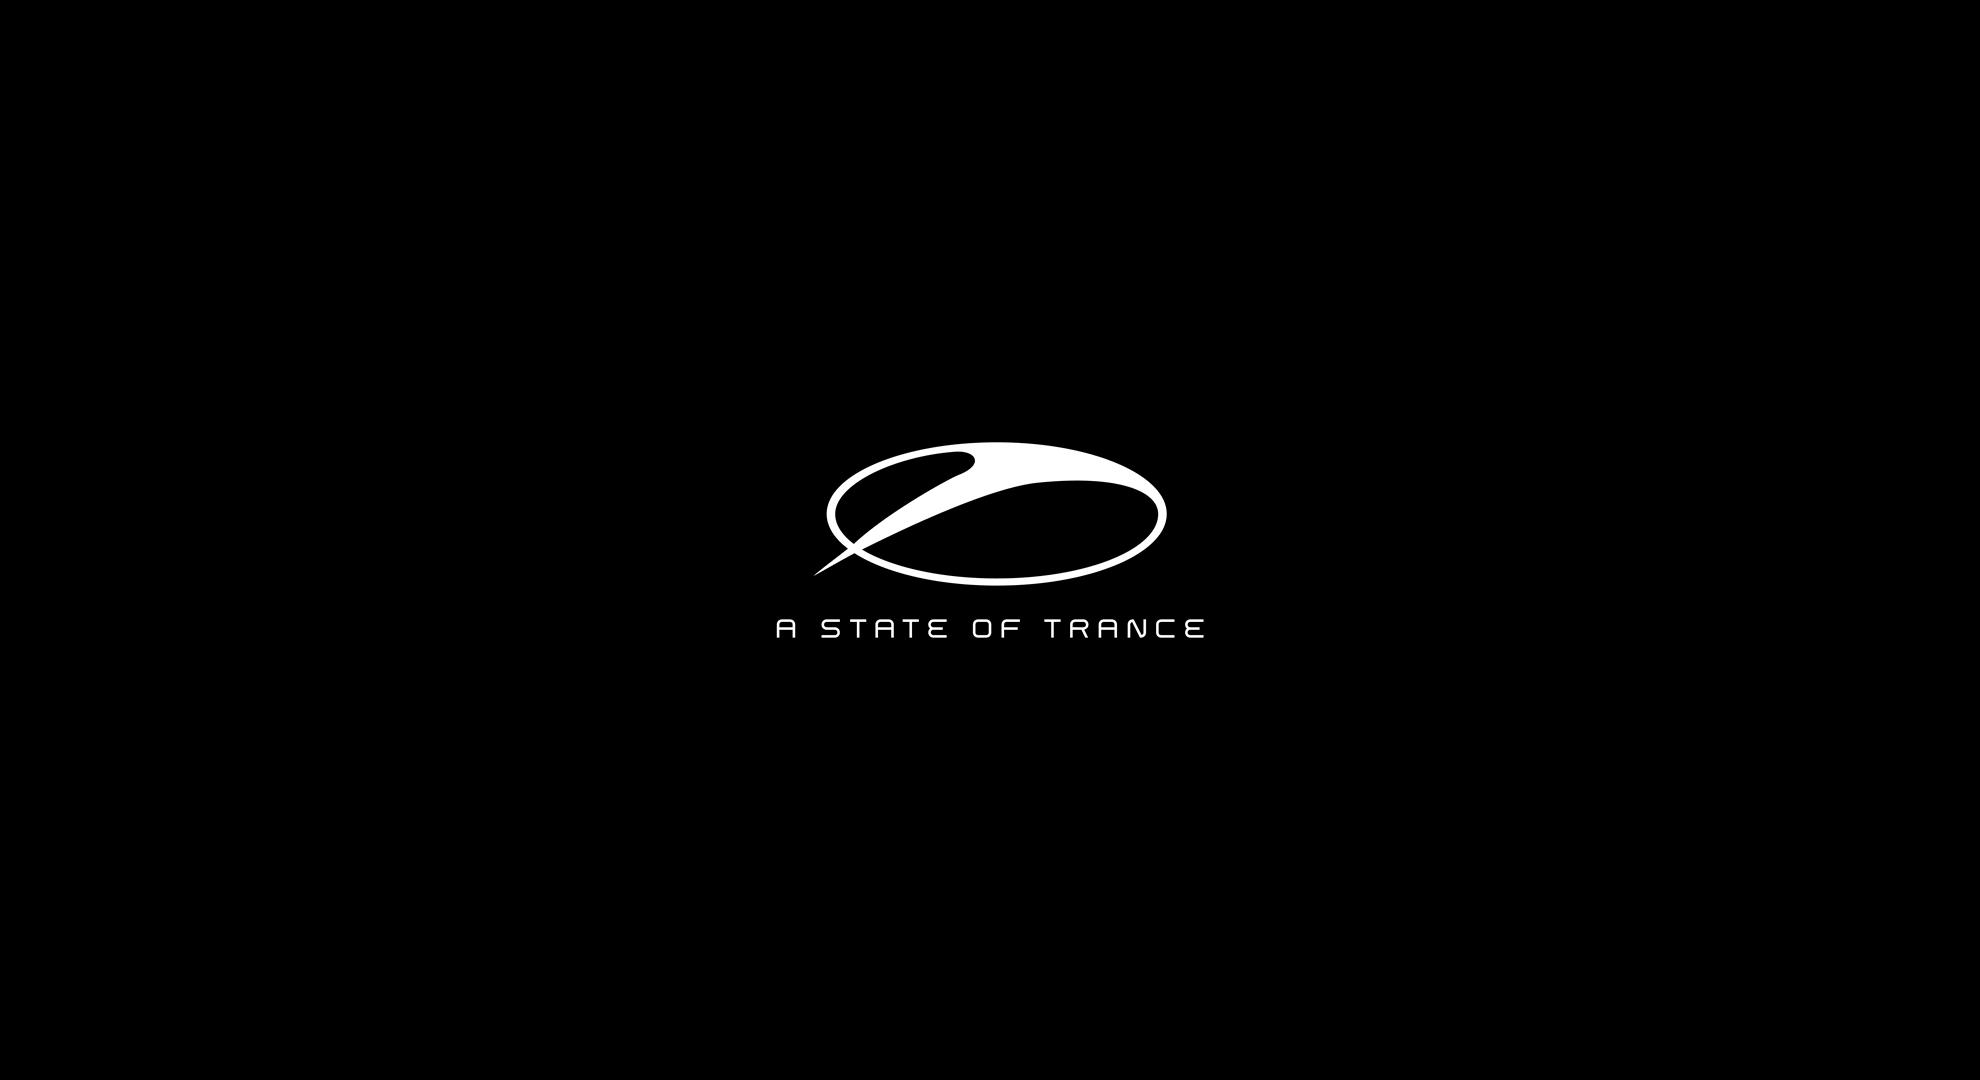 Wallpaper a state of trance armin van buuren logo asot 1980x1080